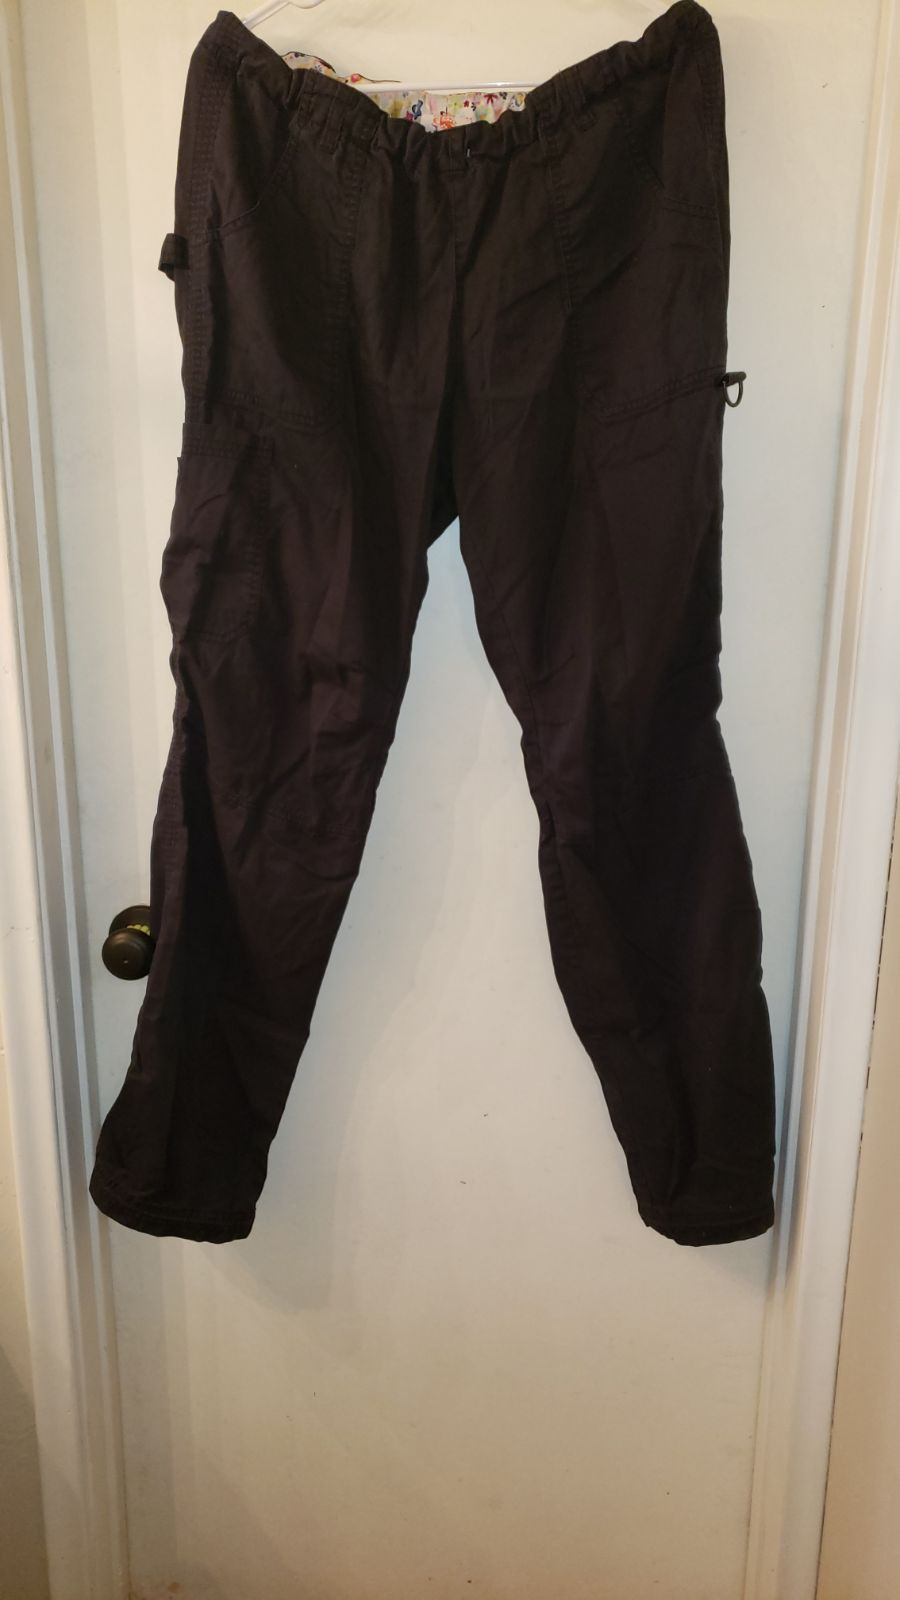 KOI cargo scrub pants TALL